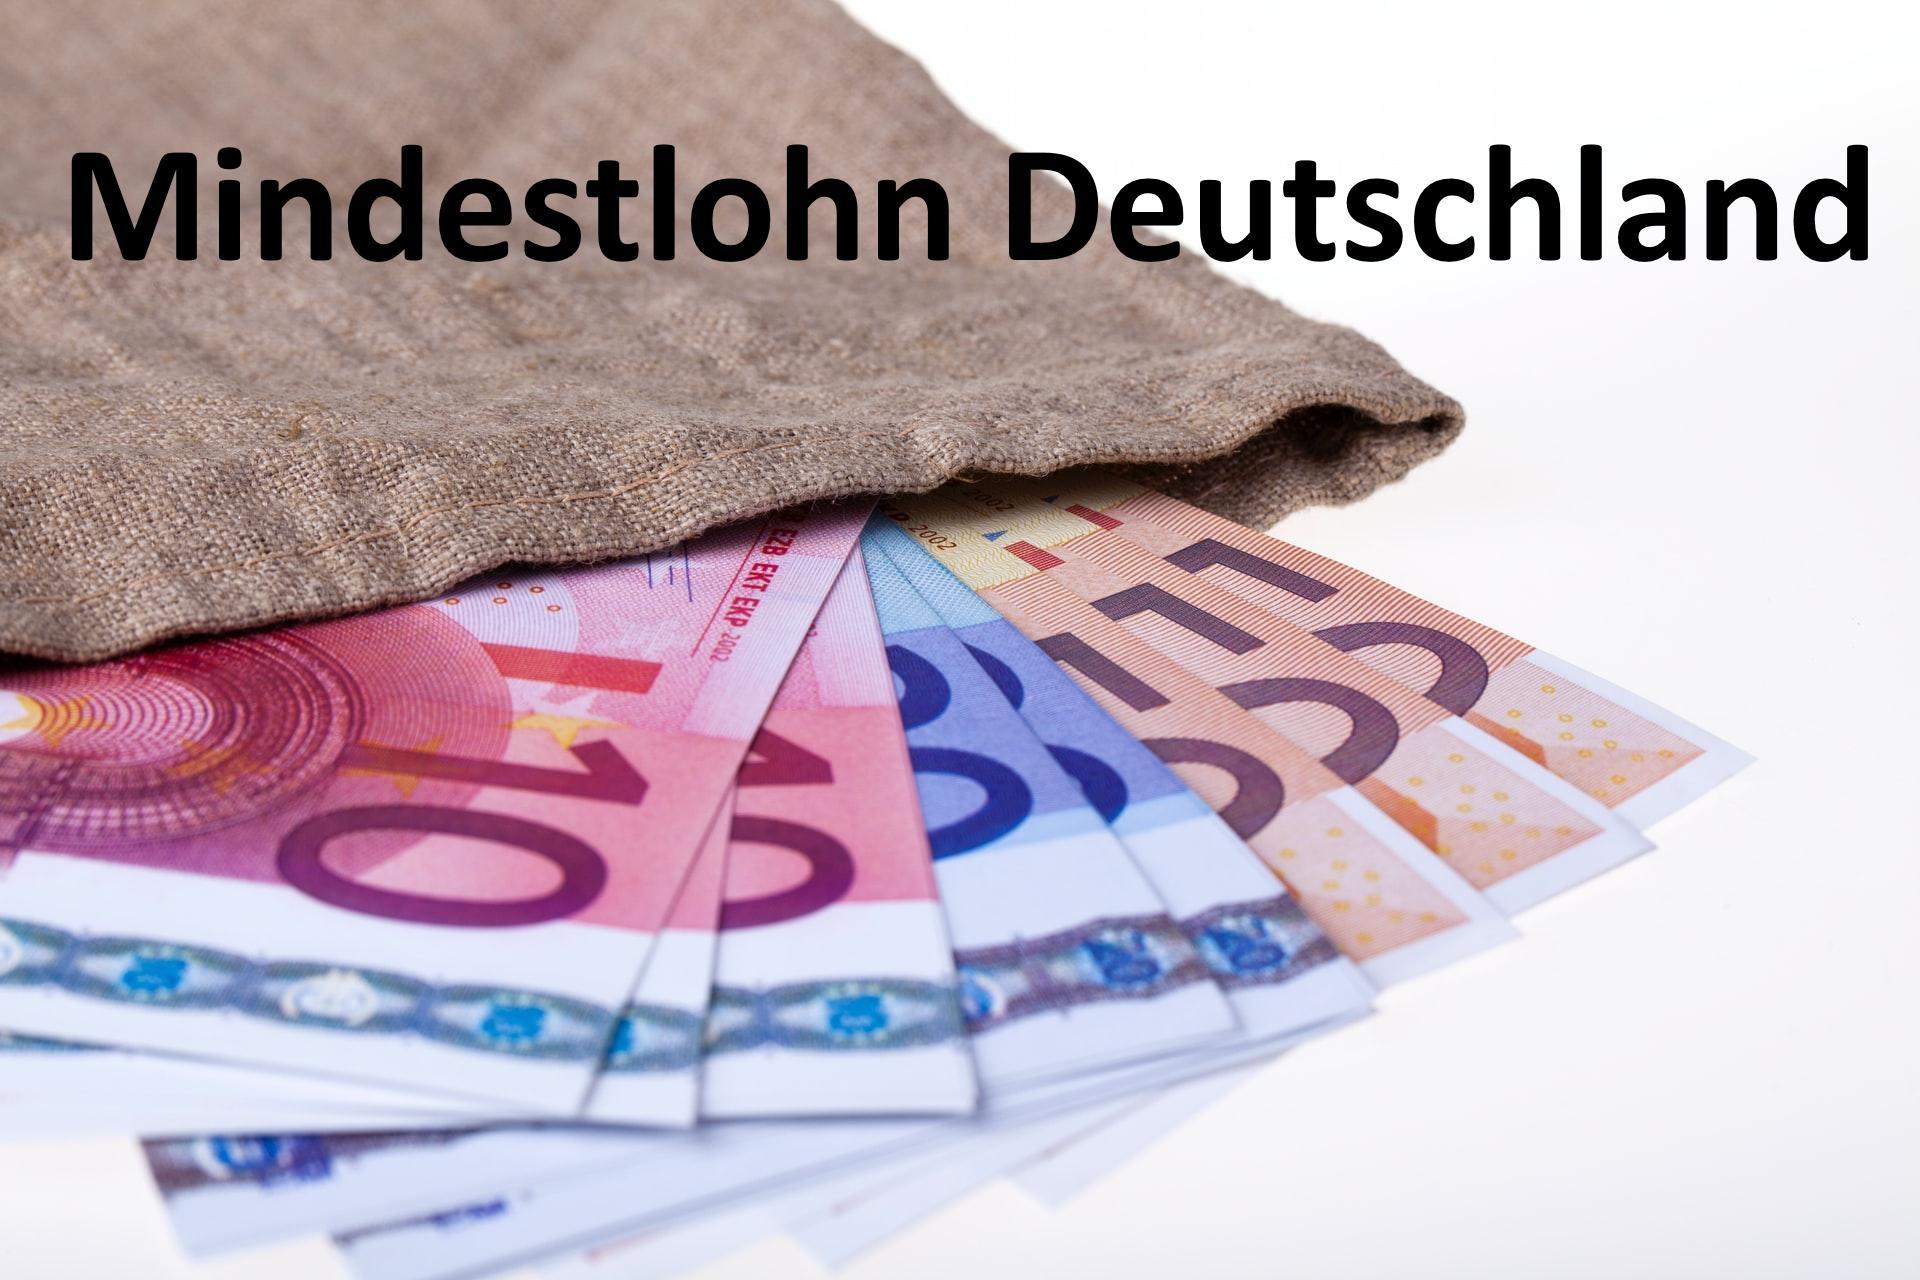 Neuer Mindestlohn in Deutschland ab Januar 2021 ...